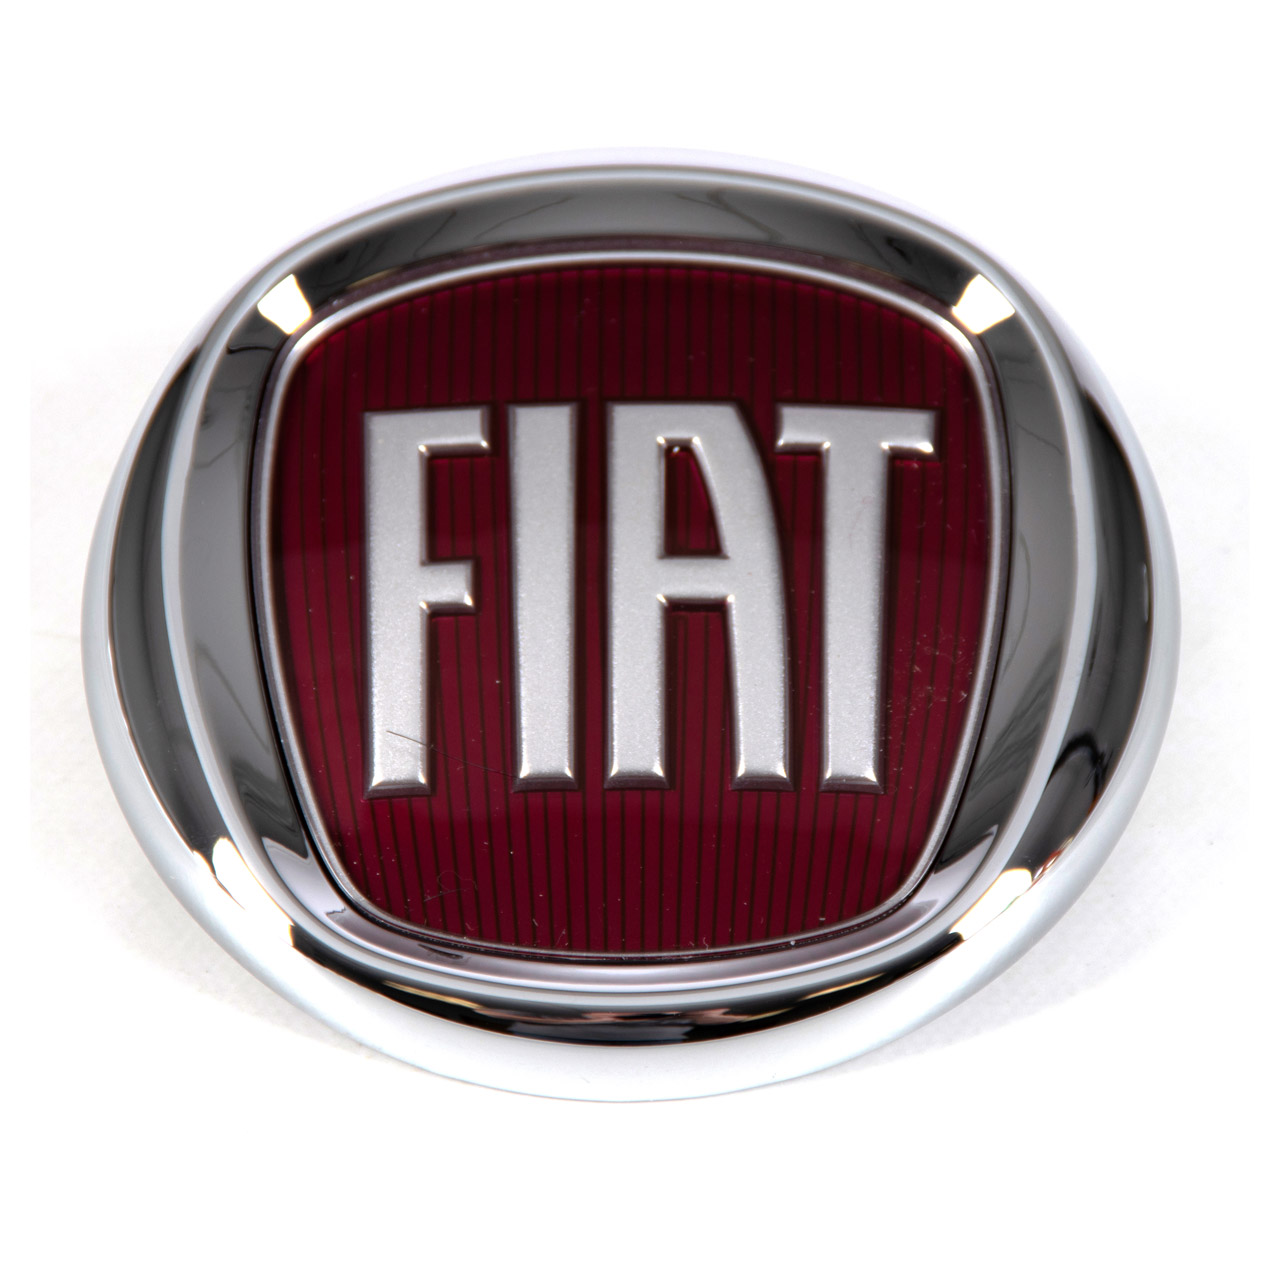 ORIGINAL Fiat Emblem Logo 500 / L DOBLO GRANDE PUNTO LINEA vorne 51932710